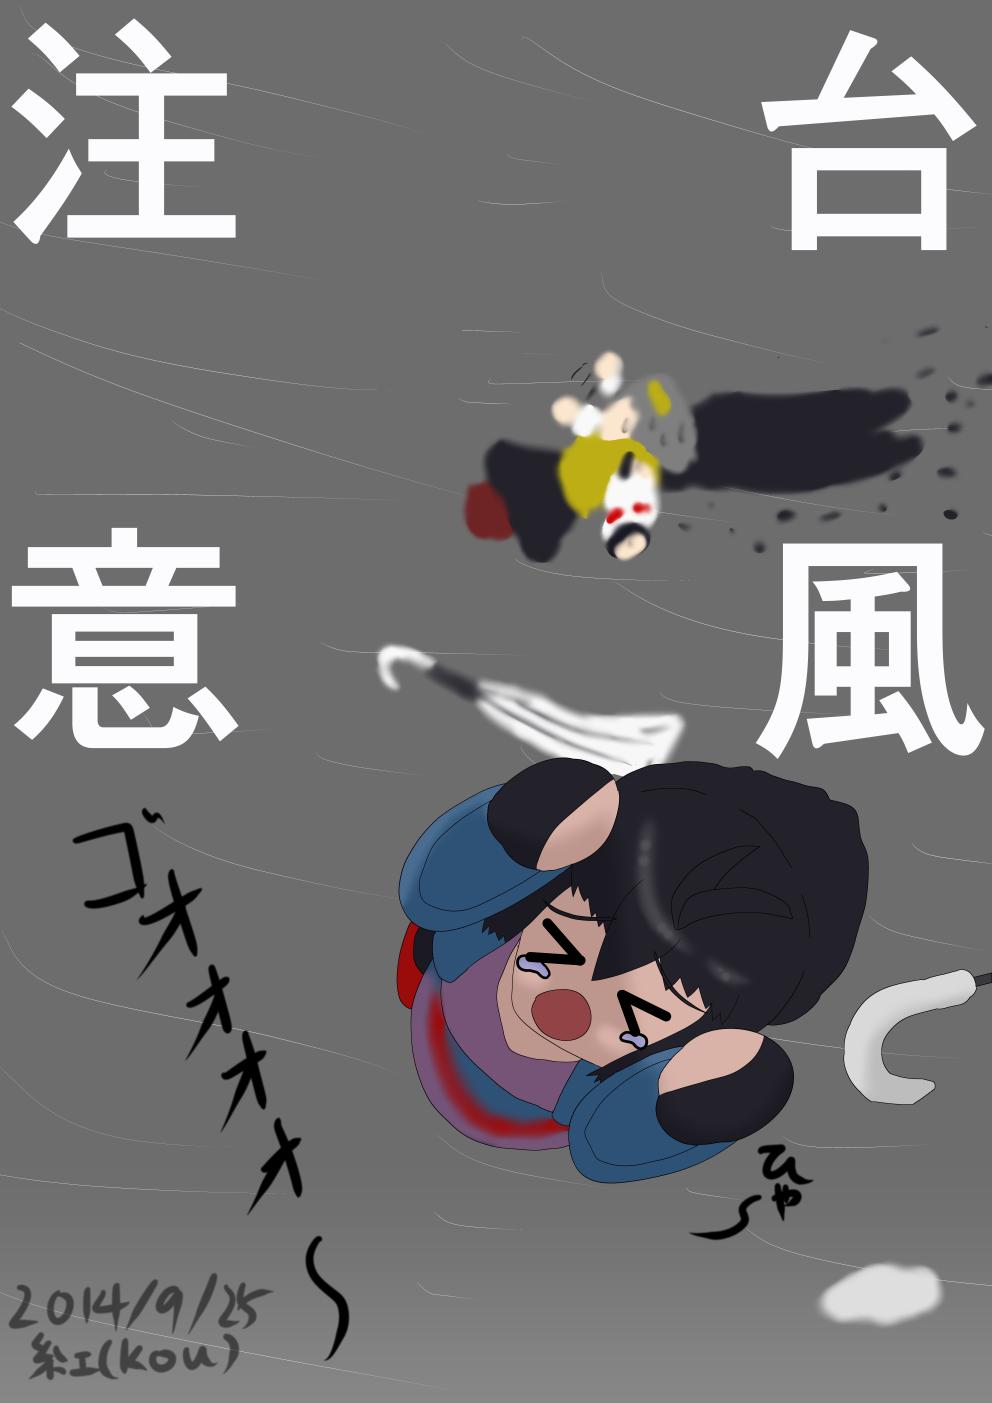 台風注意(八雲楓、羽園雫)